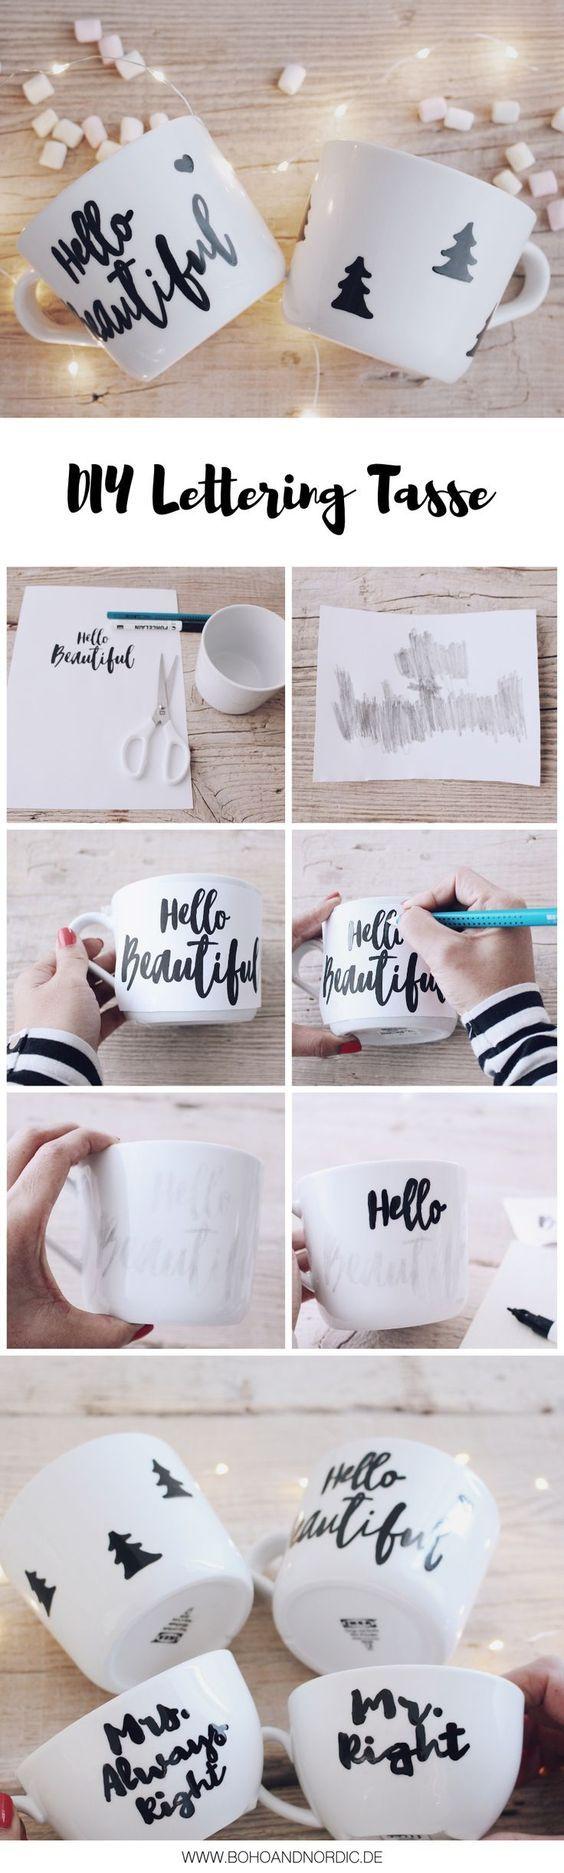 DIY einfache Weihnachtsgeschenke - Individuelle Tassen selber gestalten